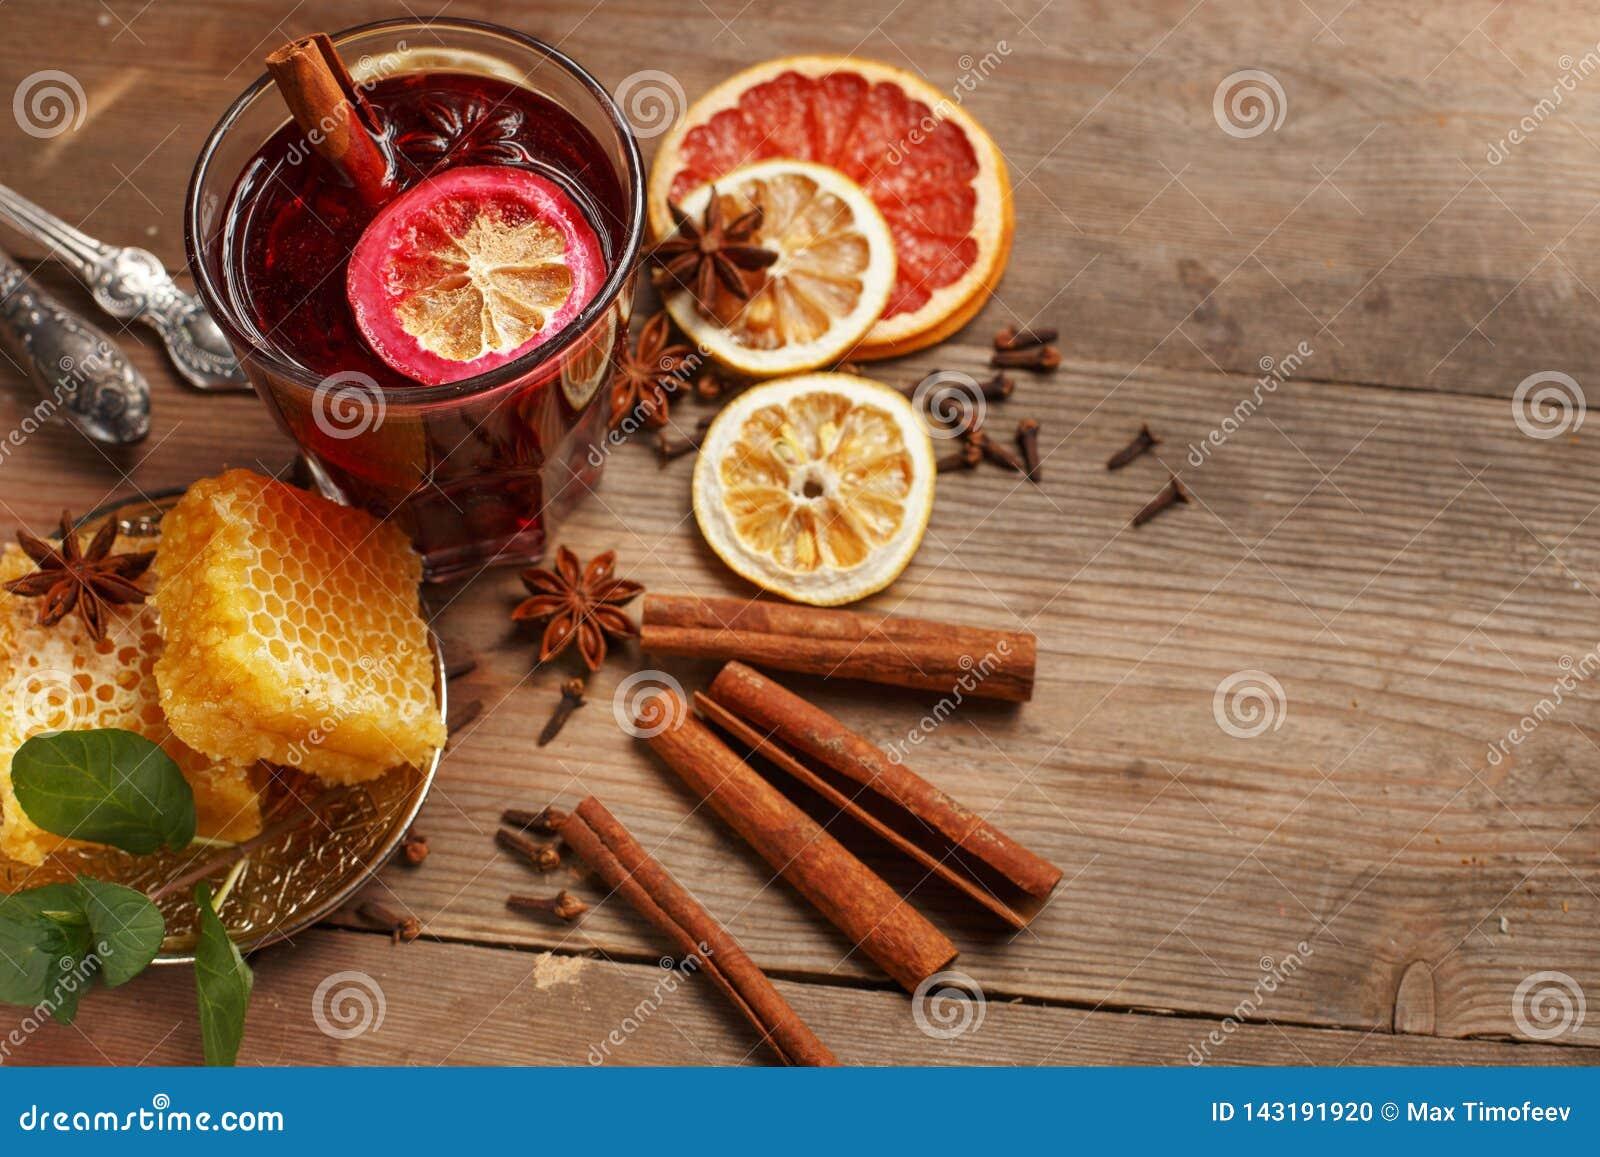 Душистое обдумыванное вино на деревянном столе r Деревенский